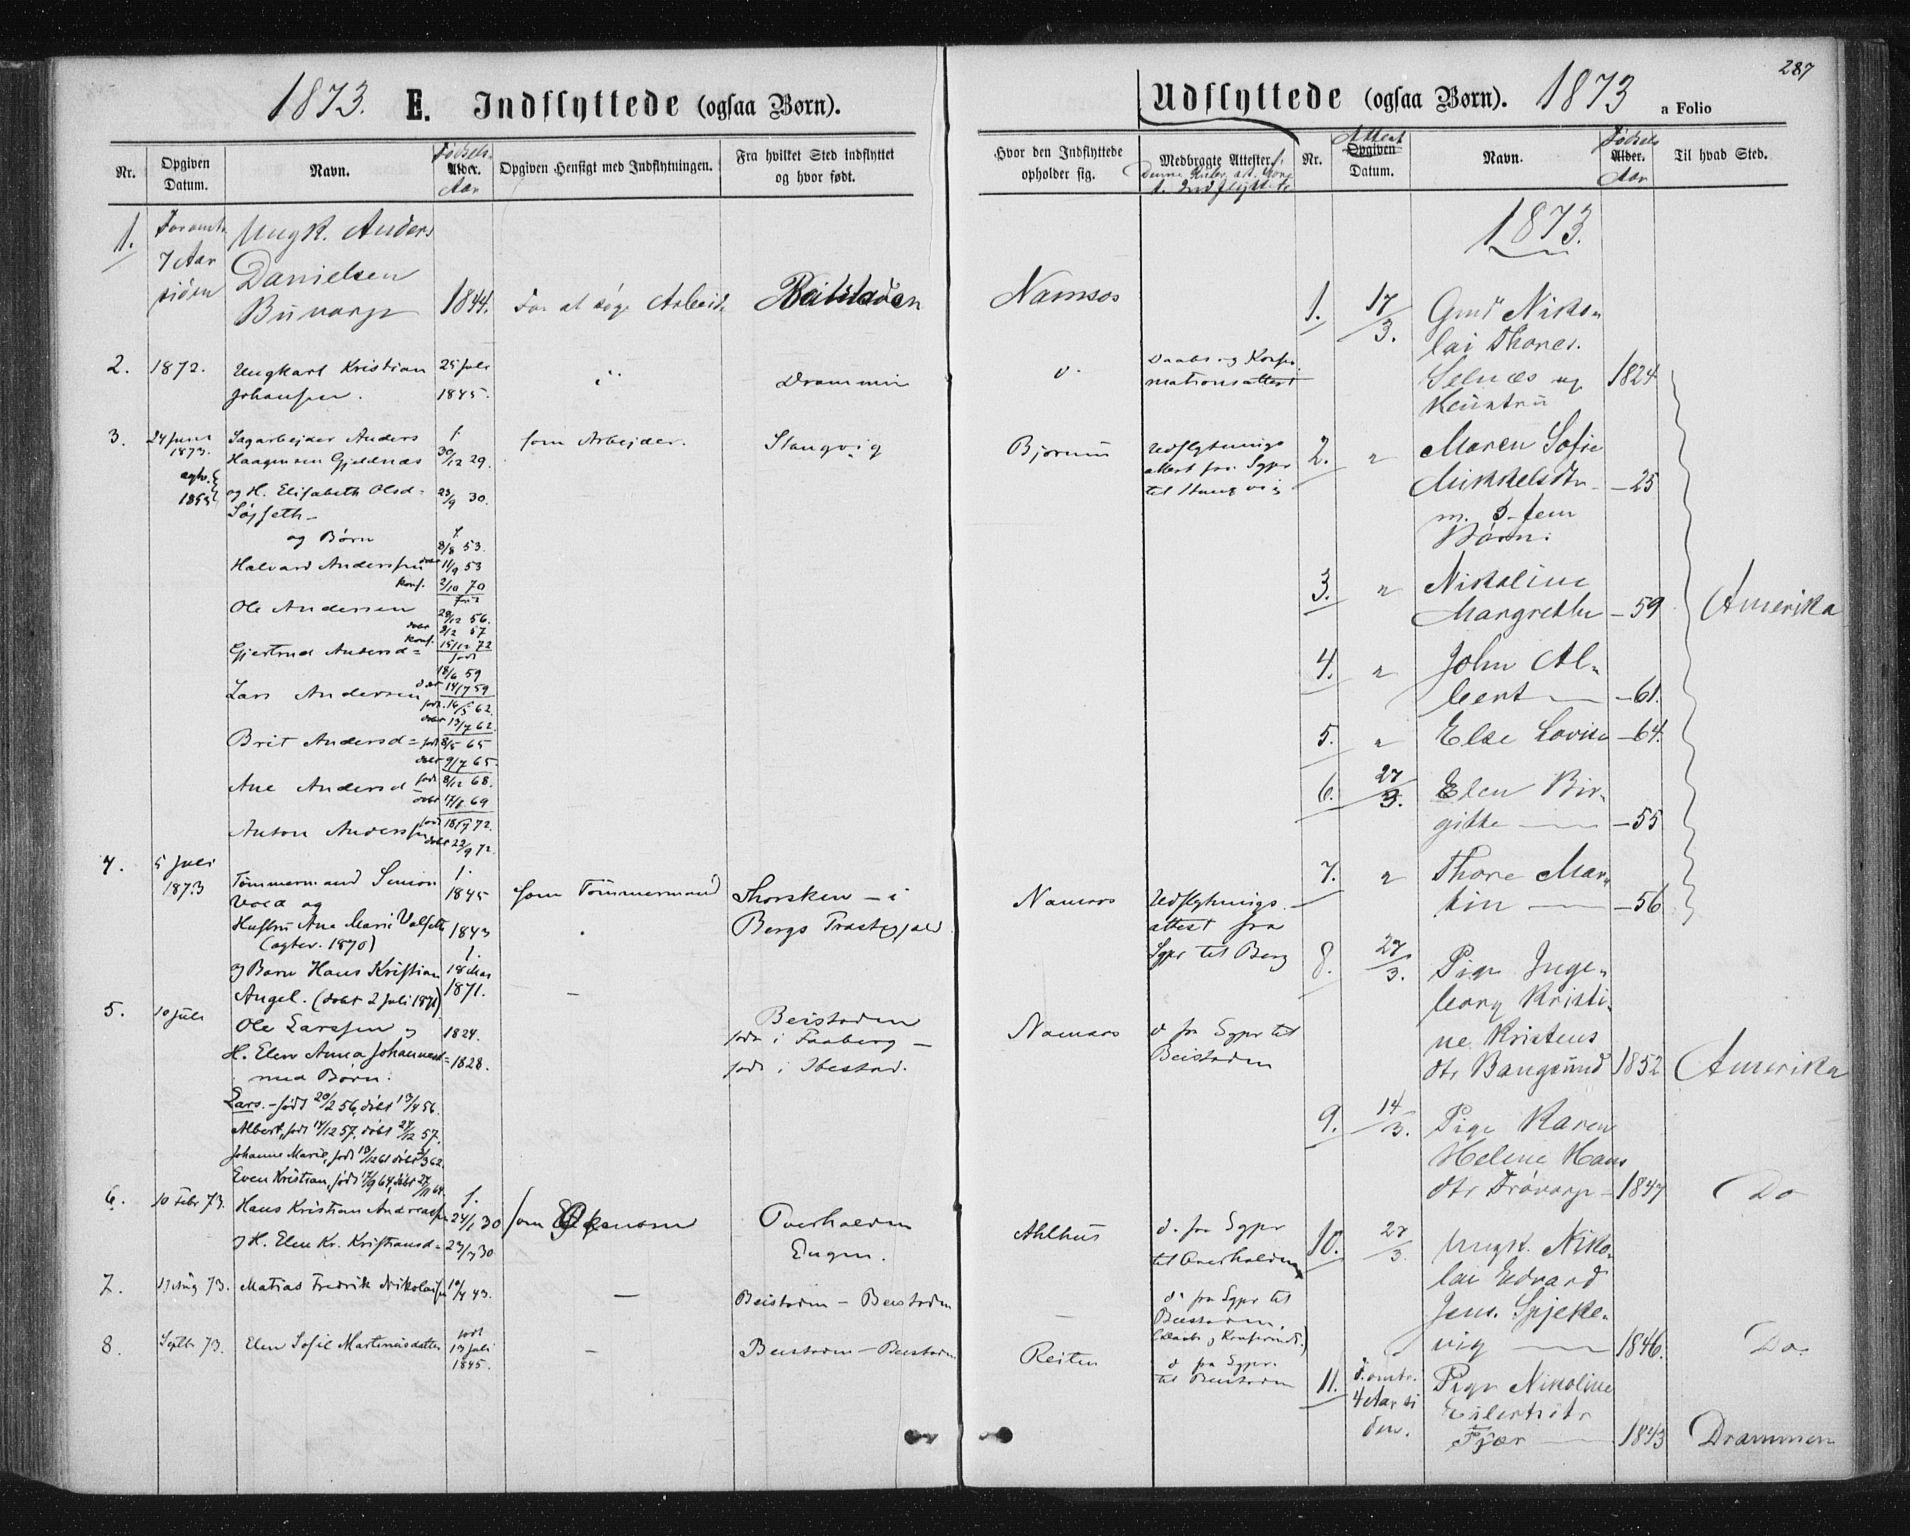 SAT, Ministerialprotokoller, klokkerbøker og fødselsregistre - Nord-Trøndelag, 768/L0570: Ministerialbok nr. 768A05, 1865-1874, s. 287